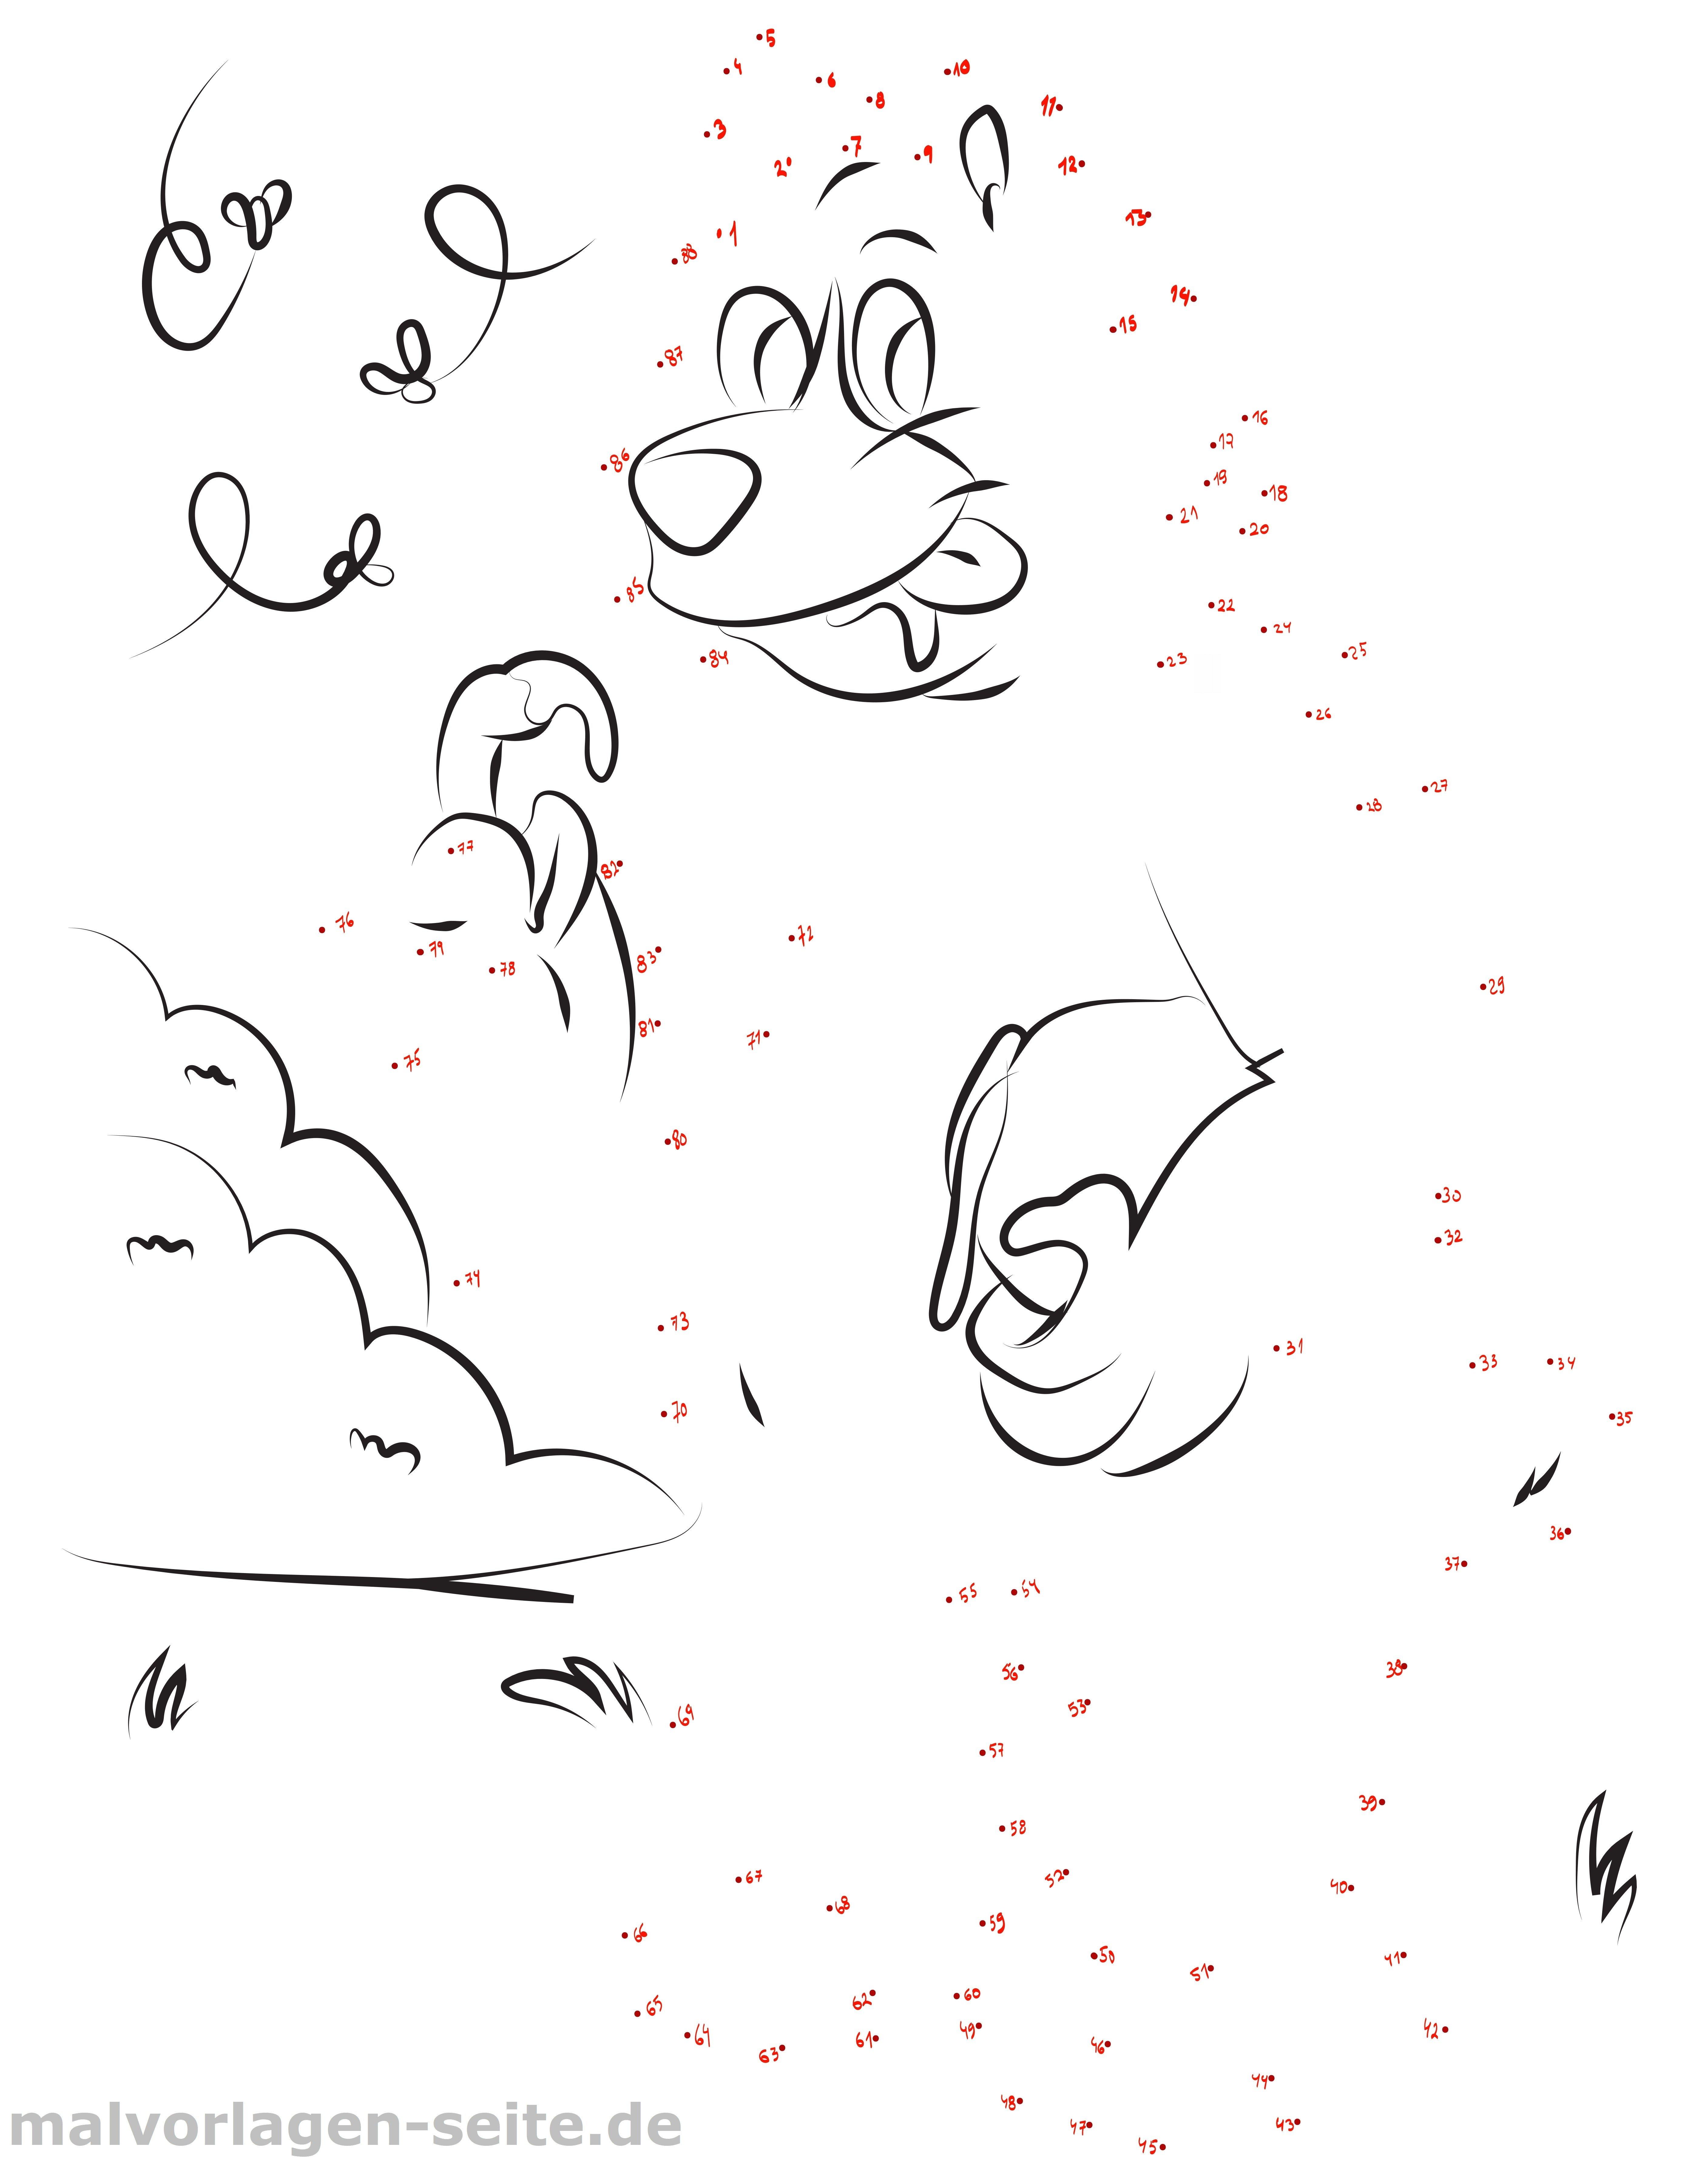 punkt zu malvorlagen kostenlos | coloring and malvorlagan